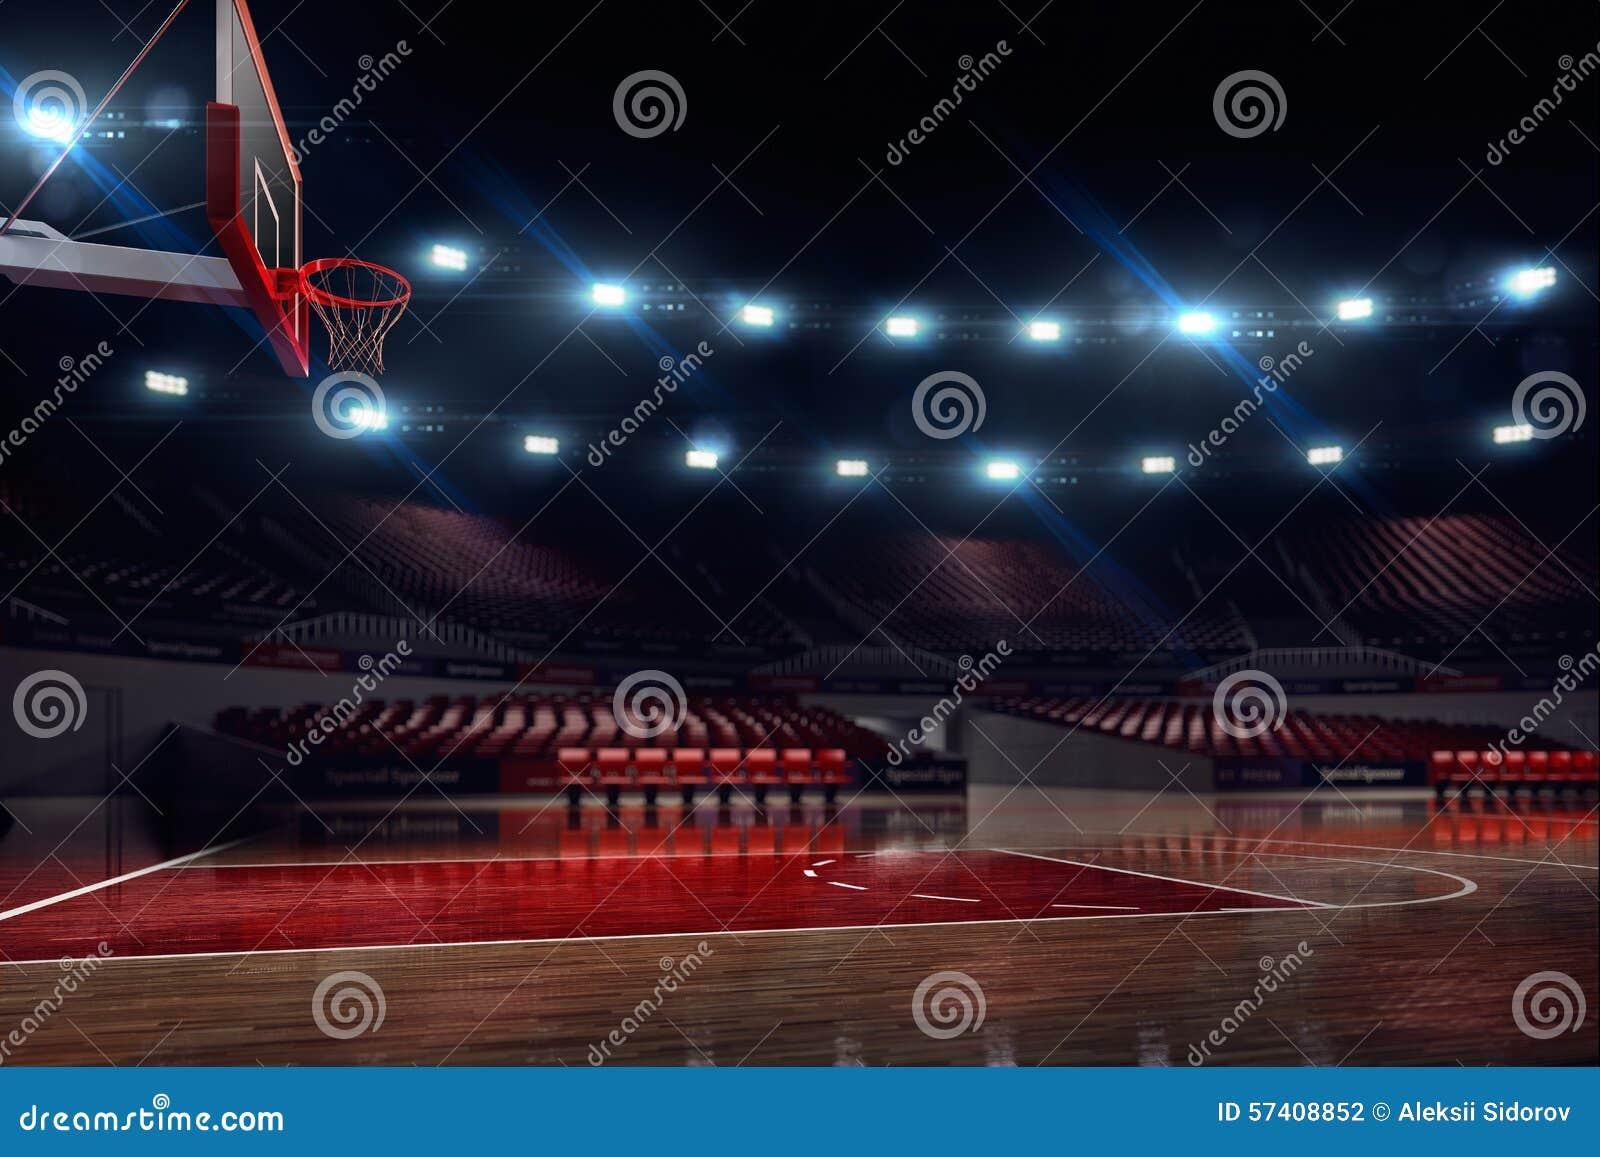 Pallacanestro court Pioggia sullo stadio